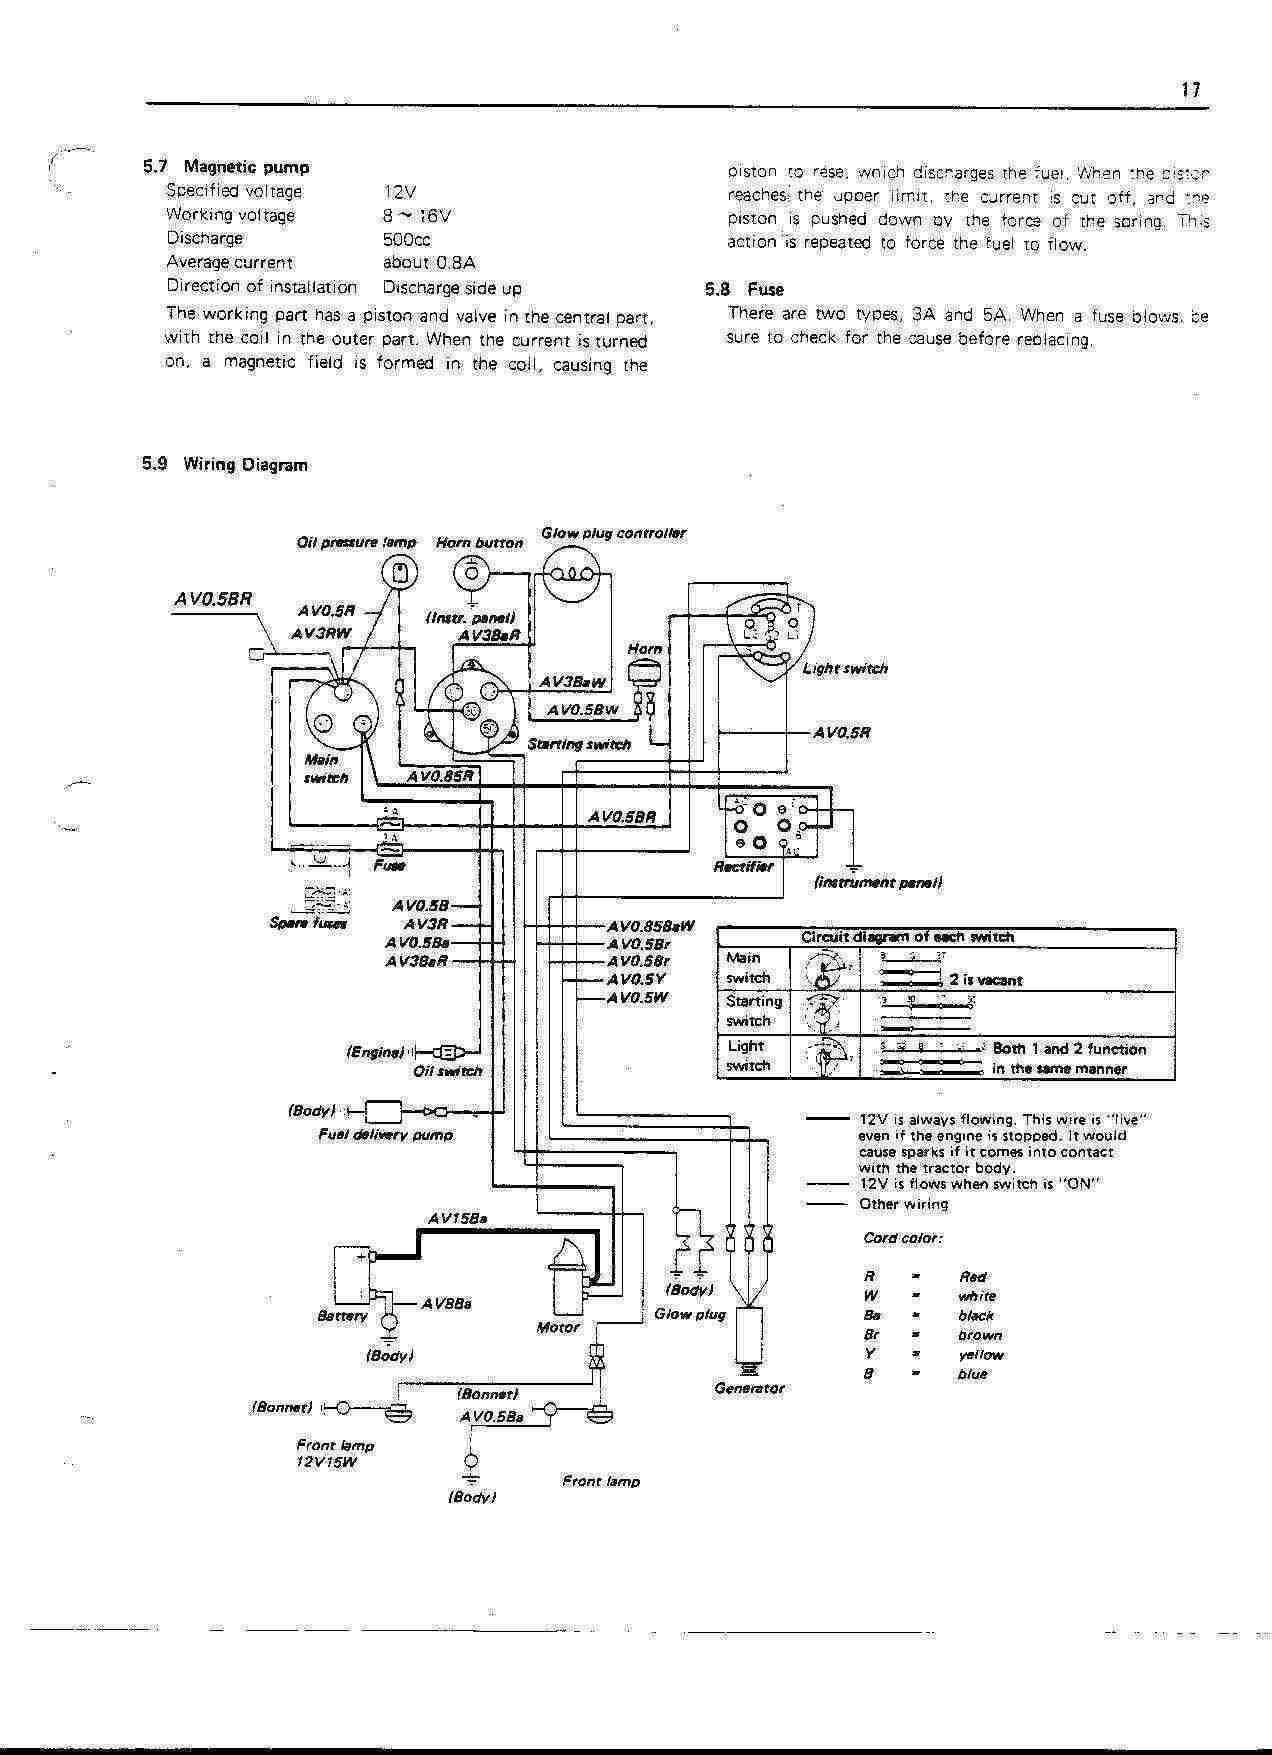 hight resolution of kubota wiring diagram pdf free wiring diagram kubota alternator wiring diagram kubota wire diagram